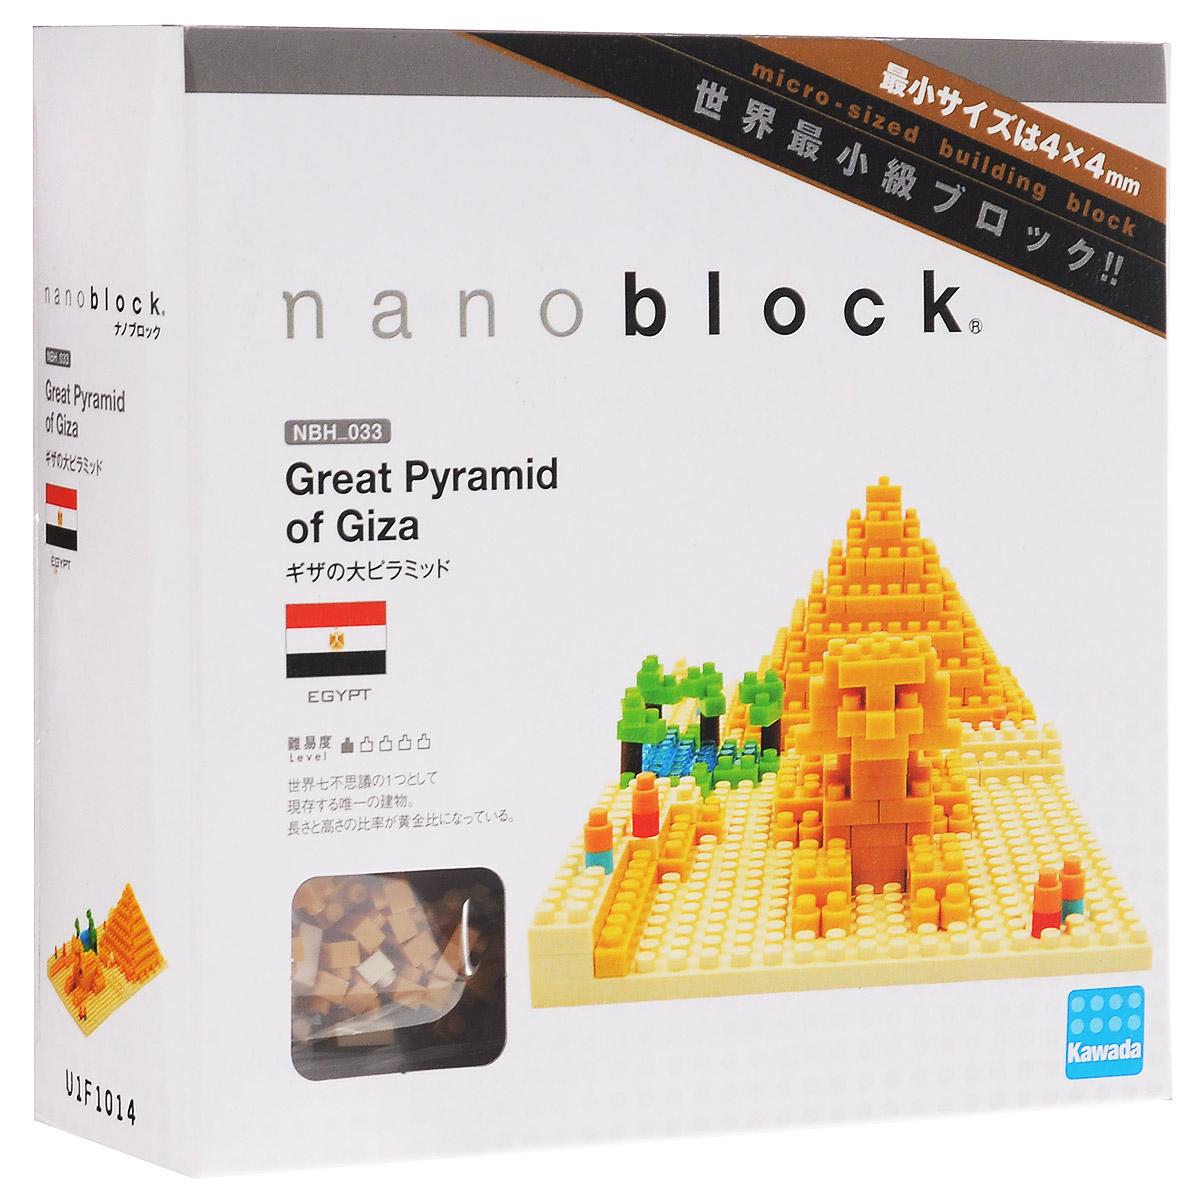 Nanoblock Мини-конструктор Пирамида ХеопсаNBH_033У вас появится уникальная возможность собрать великую Пирамиду долины Гиза, или таинственную пирамиду Хеопса в миниатюрном размере. Самая объемная и самая высокая среди всех обнаруженных в Египте древний строений, Пирамида Хеопса входит в коллекцию Nanoblock Достопримечательности, а так же в список мирового культурного наследия, ежегодно привлекая в Египет миллионы туристов со всего света. С мини-копией этого Чуда Света №1 путешествие начинается уже с первых минут сборки. Вы даже можете почувствовать себя древним строителем, возводящим грандиозный монумент. В комплекте 260 элементов + запасные, площадка-основание, подробная инструкция по сборке. Этот объект из коллекции Достопримечательности - один из любимых фанатами наноблока, которые отмечают, что в составе набора не очень много мелких деталей, а цвета кирпичиков преимущественно яркие. Конструктор Nanoblock - самый маленький в мире конструктор, крайне необычный, как все японское. Высокоточные...